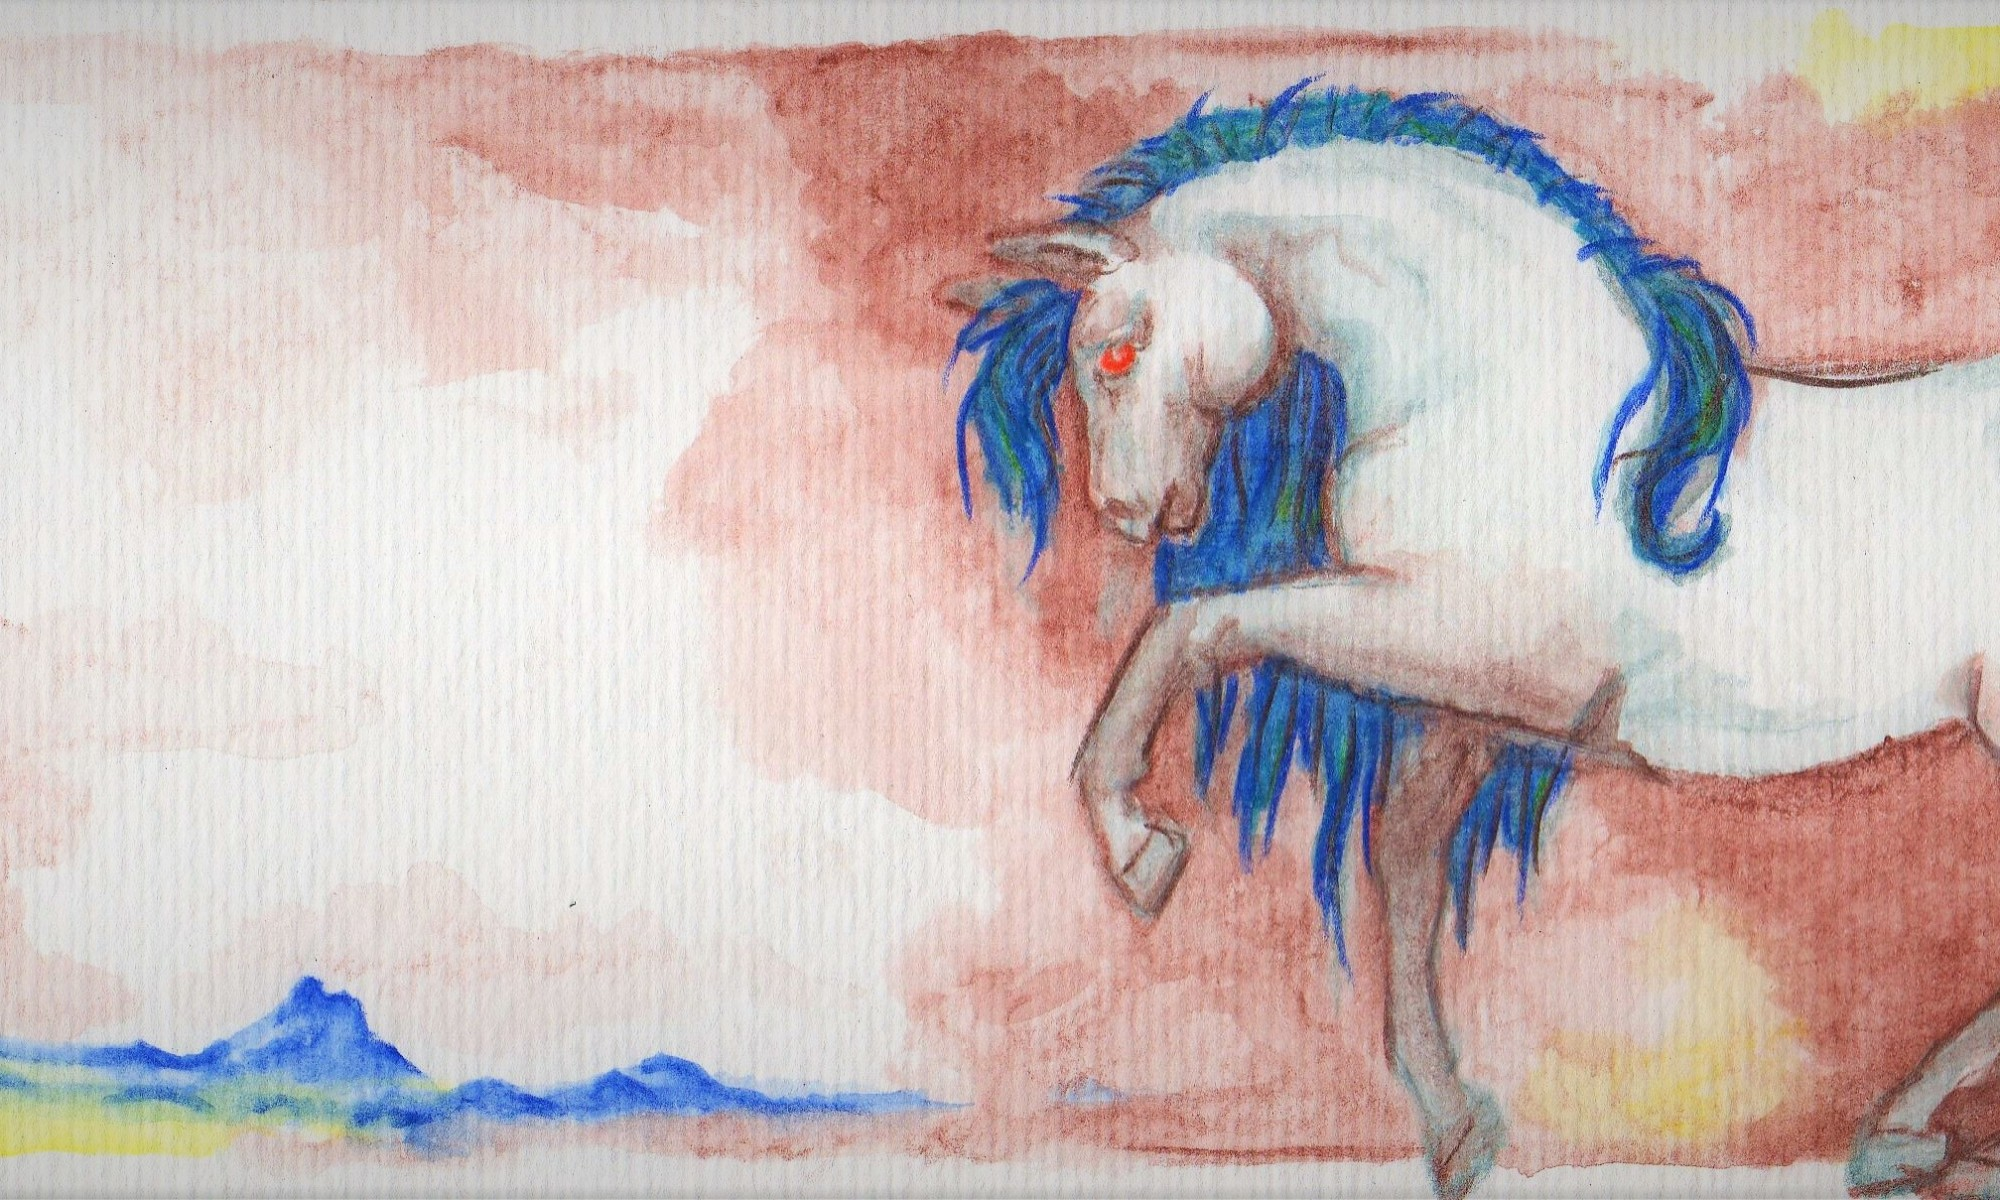 Mamaé. Lápis aquarelado, sobre papel. 10,5x27cm